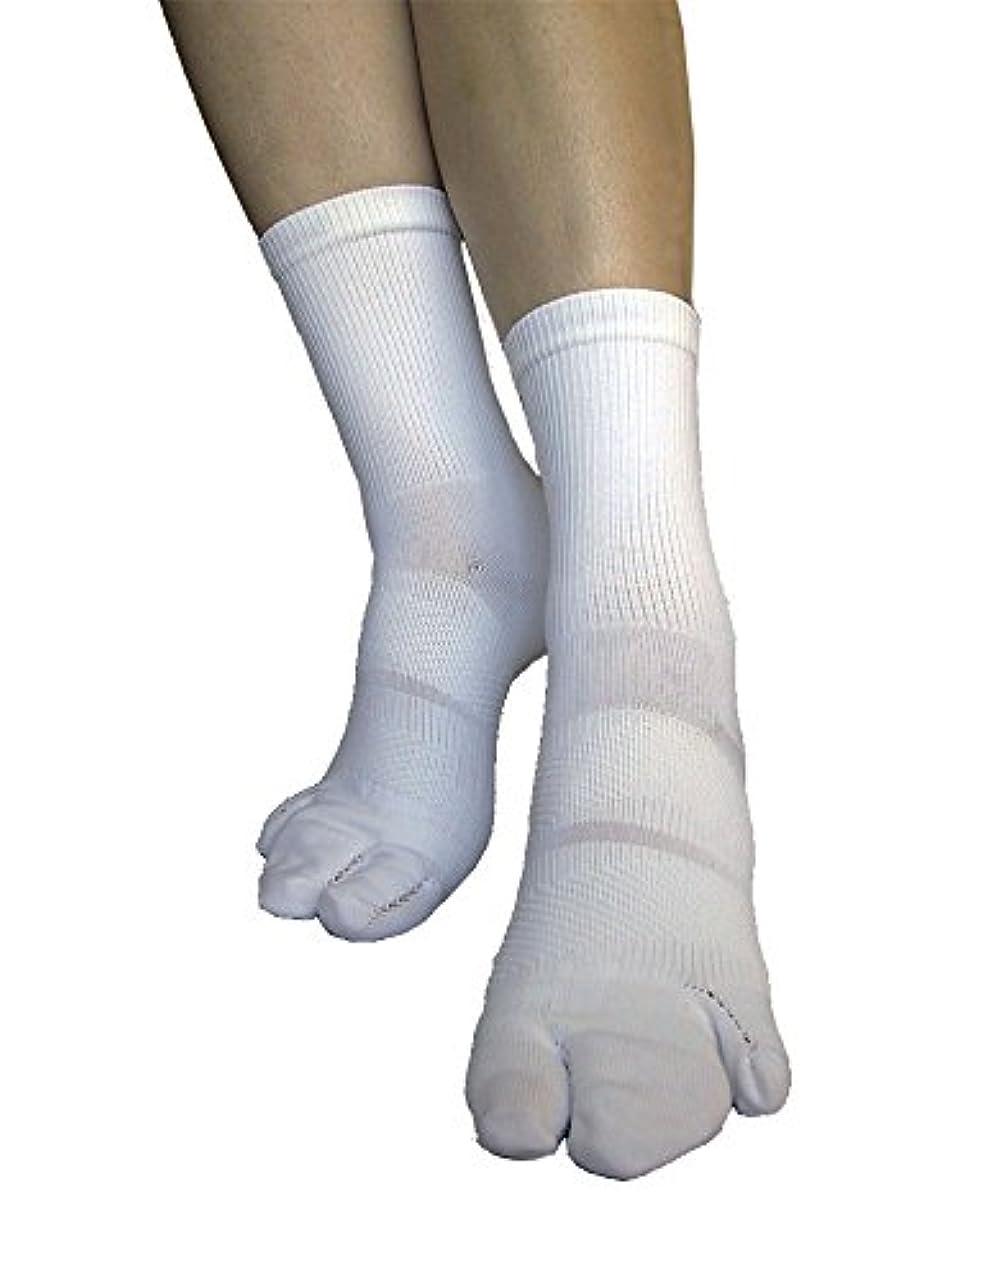 火炎ディレイ無能外反母趾対策 足首ほっそーり3本指テーピング靴下 M(22-24cm)?ホワイト